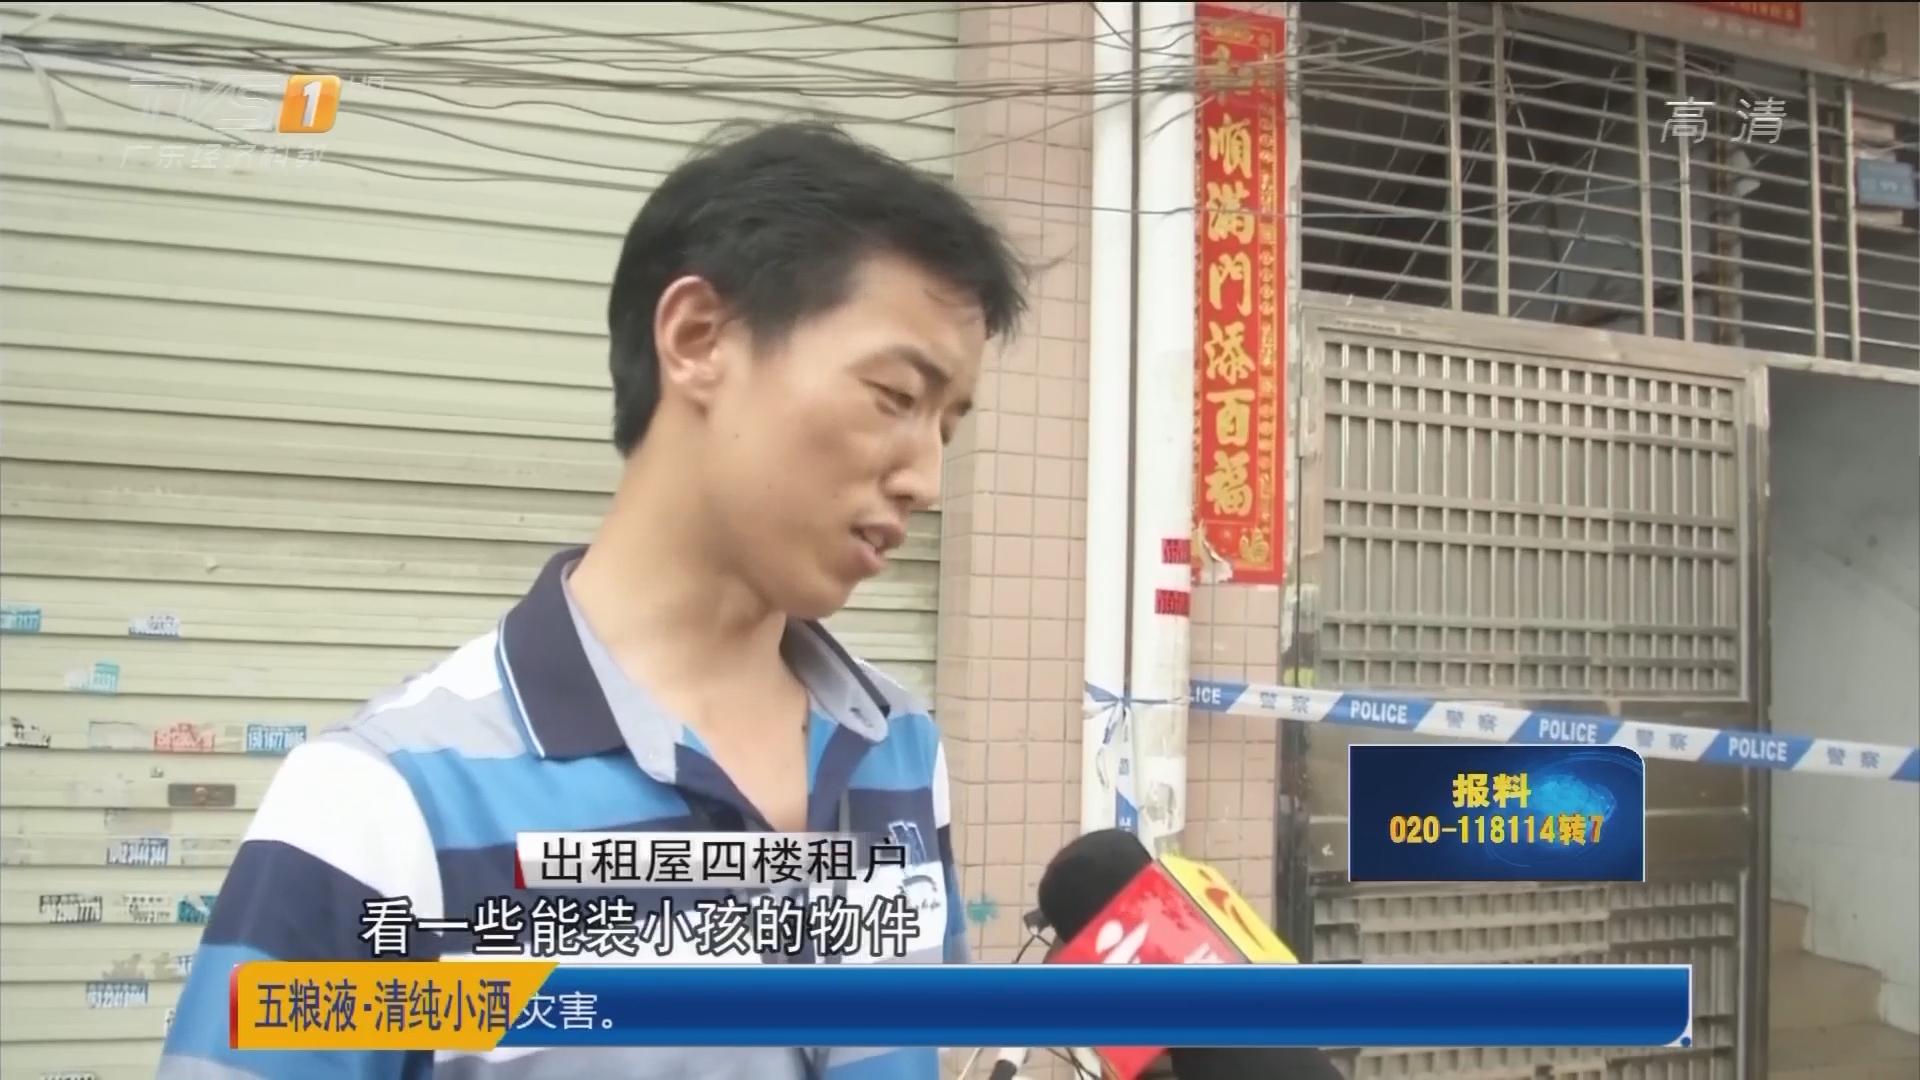 东莞:两岁男童离奇身亡 疑凶竟住楼上